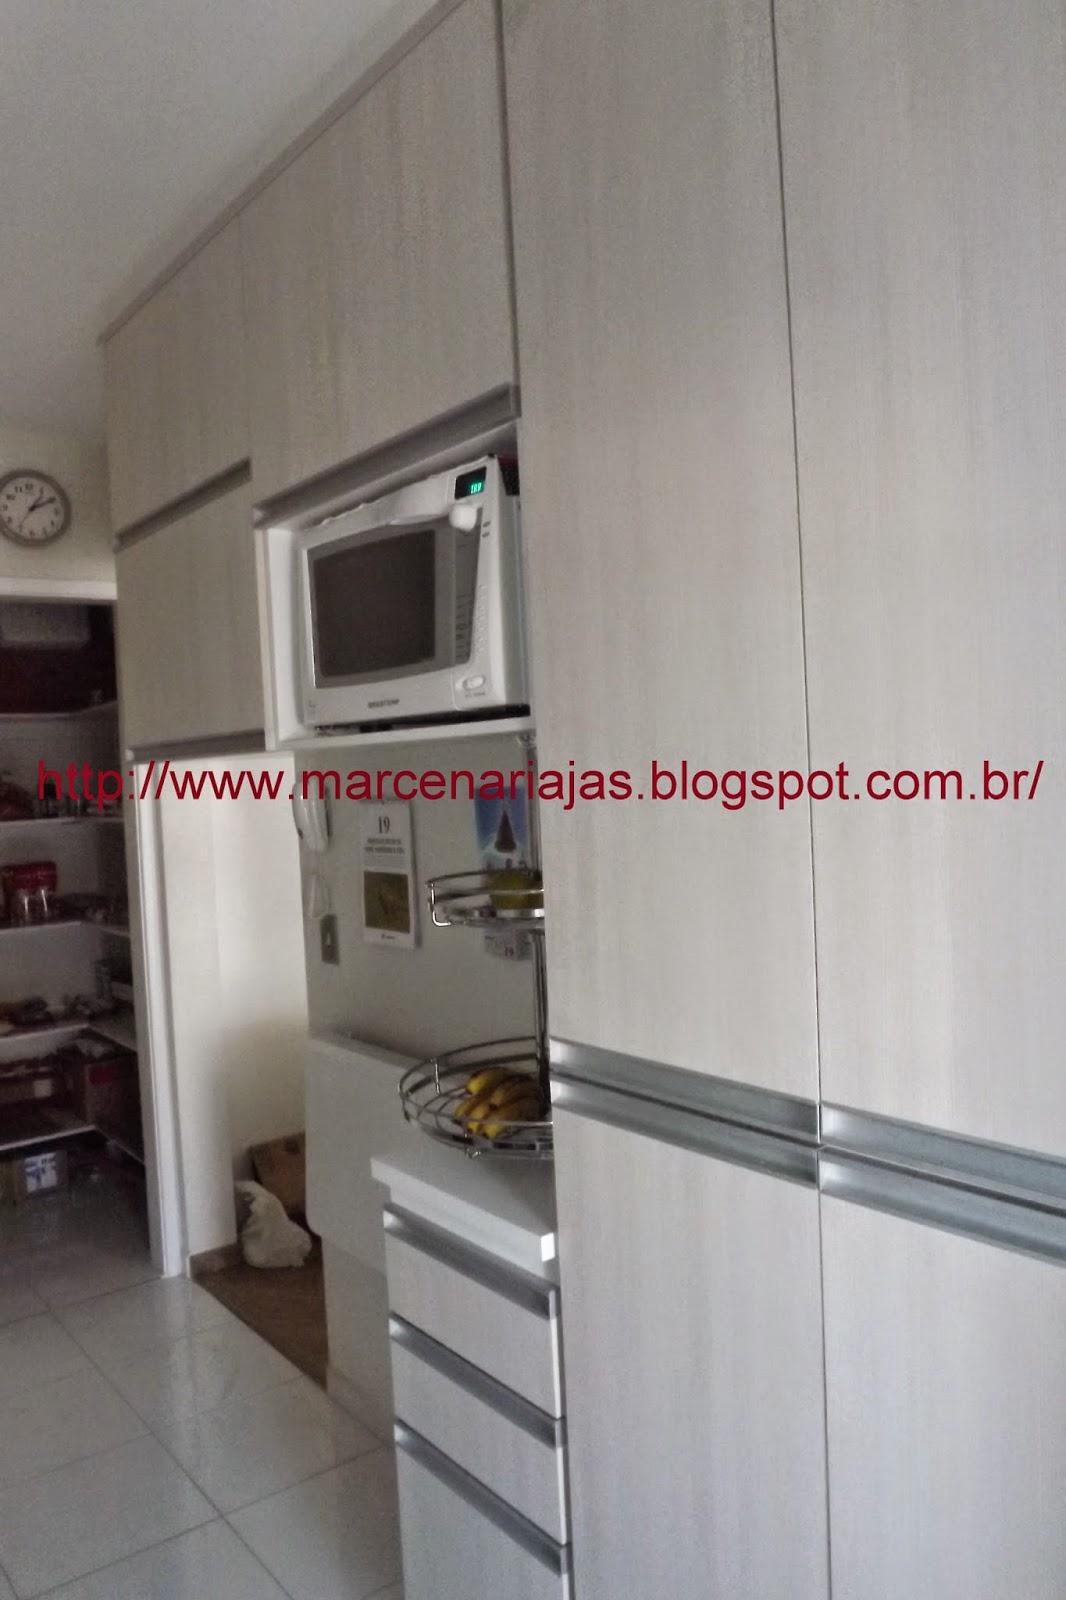 Marcenaria J A S Cozinha embutida até o teto # Armario De Cozinha Vai Ate O Teto